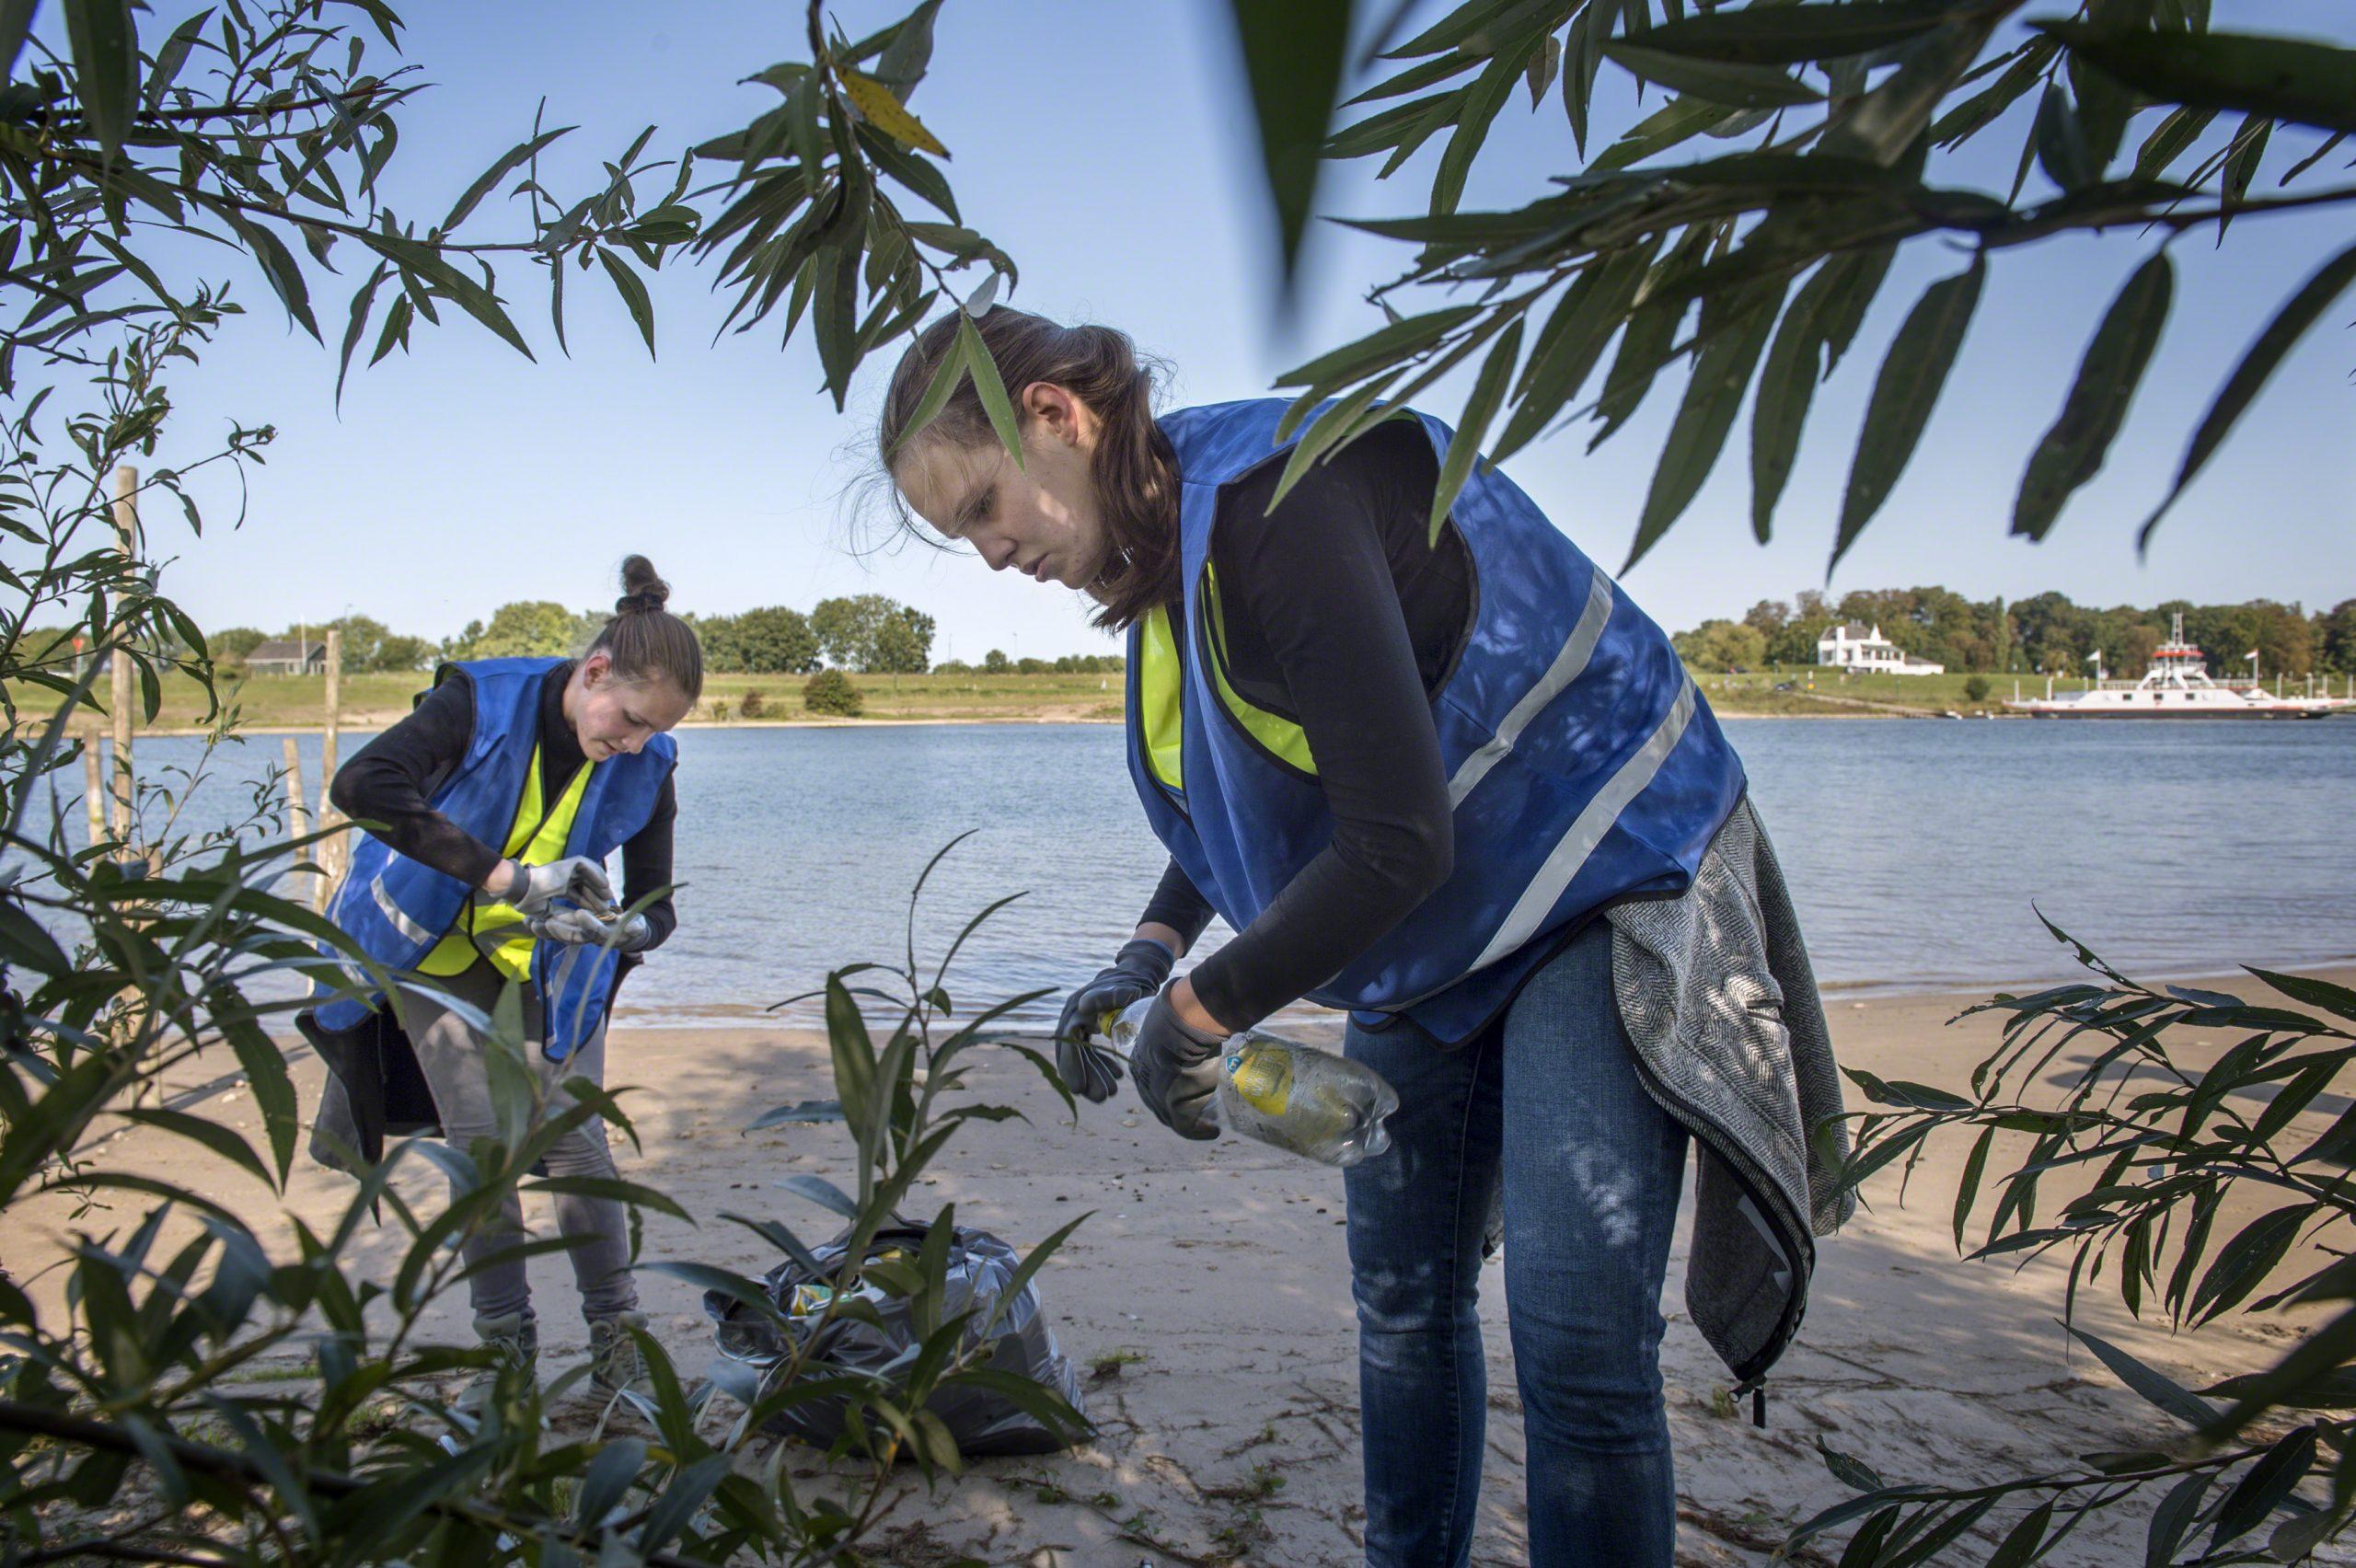 Opruimen flesjes rivieroever Lek - copyright Schone Rivieren